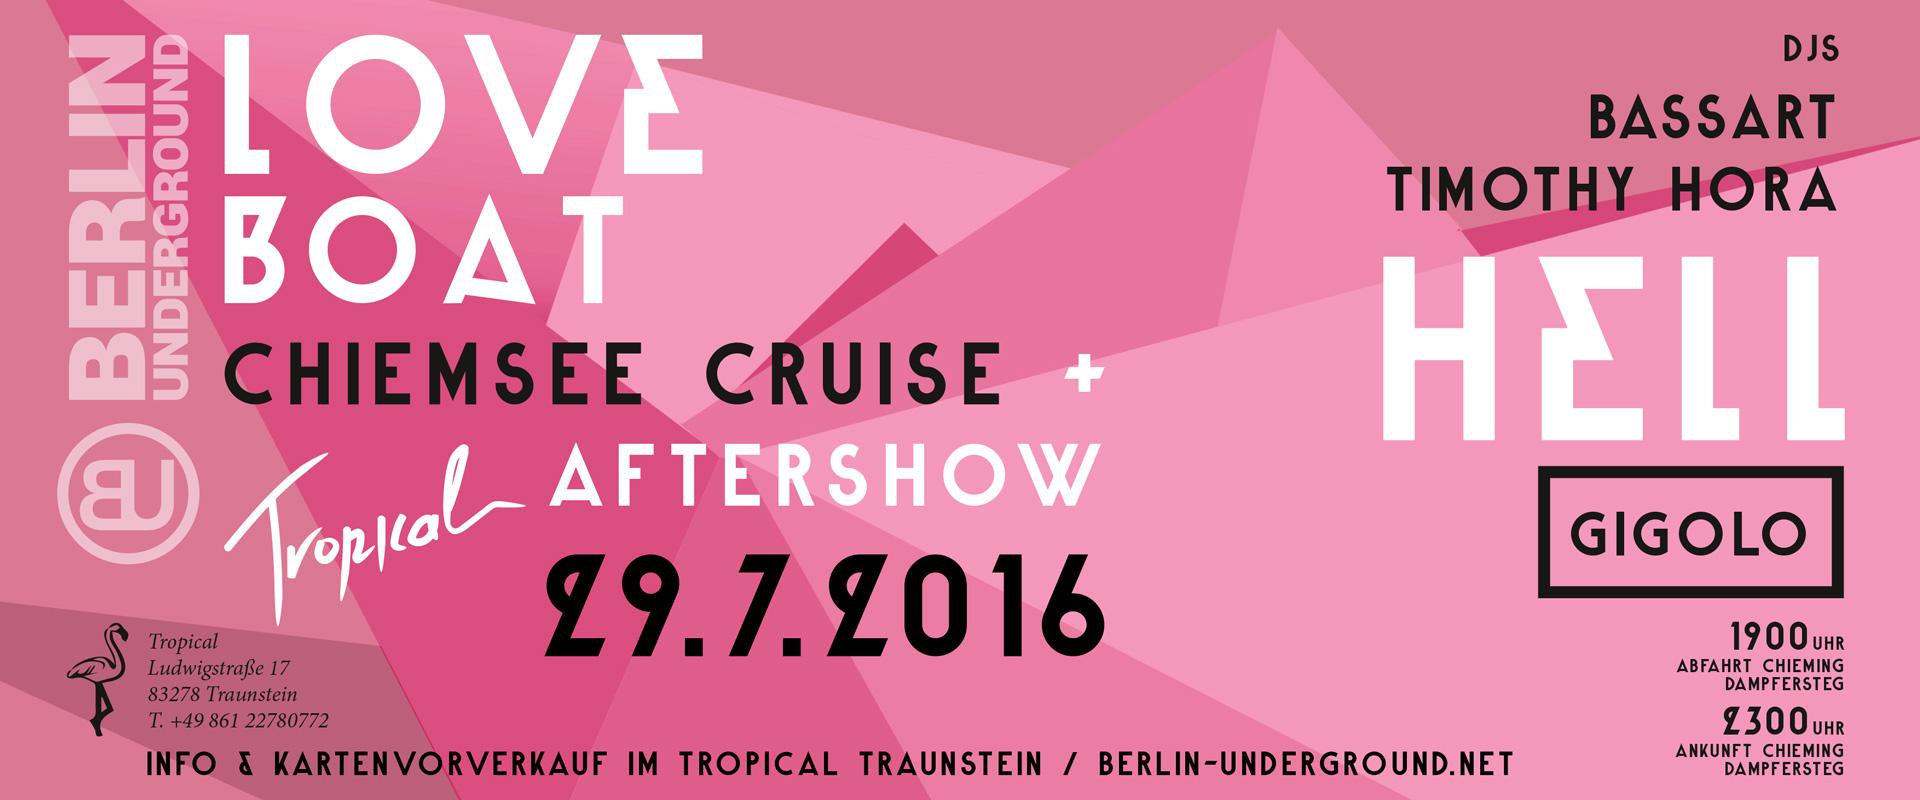 Tropical-Gigolo-Tanzschiff-29-07-2016_final